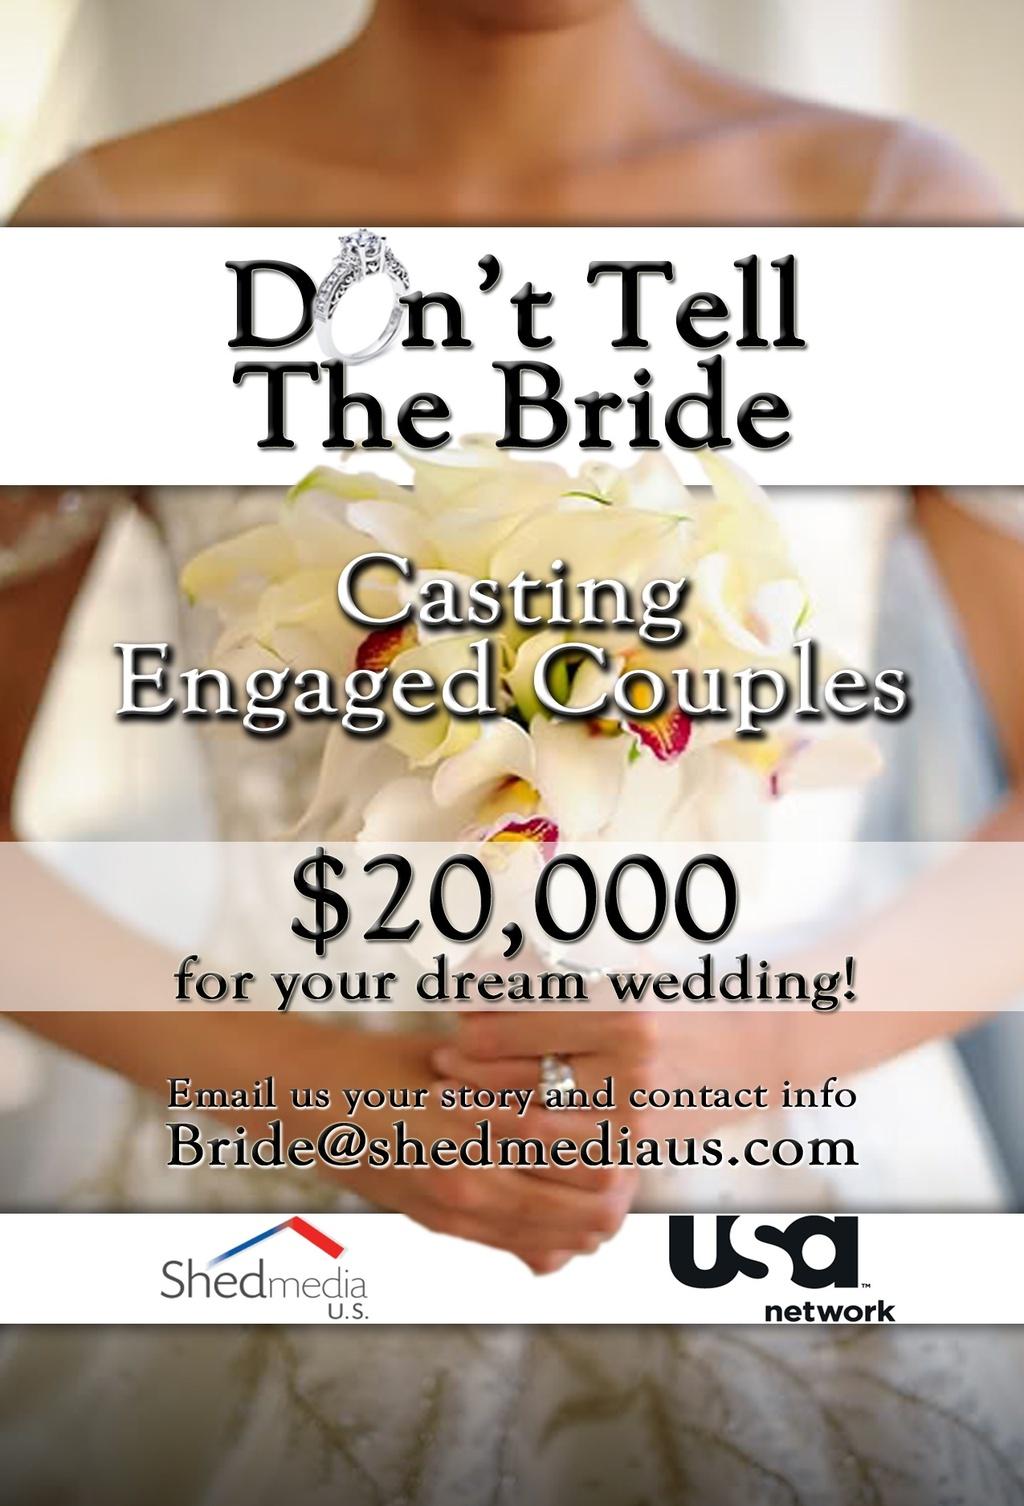 Bride_v1.full